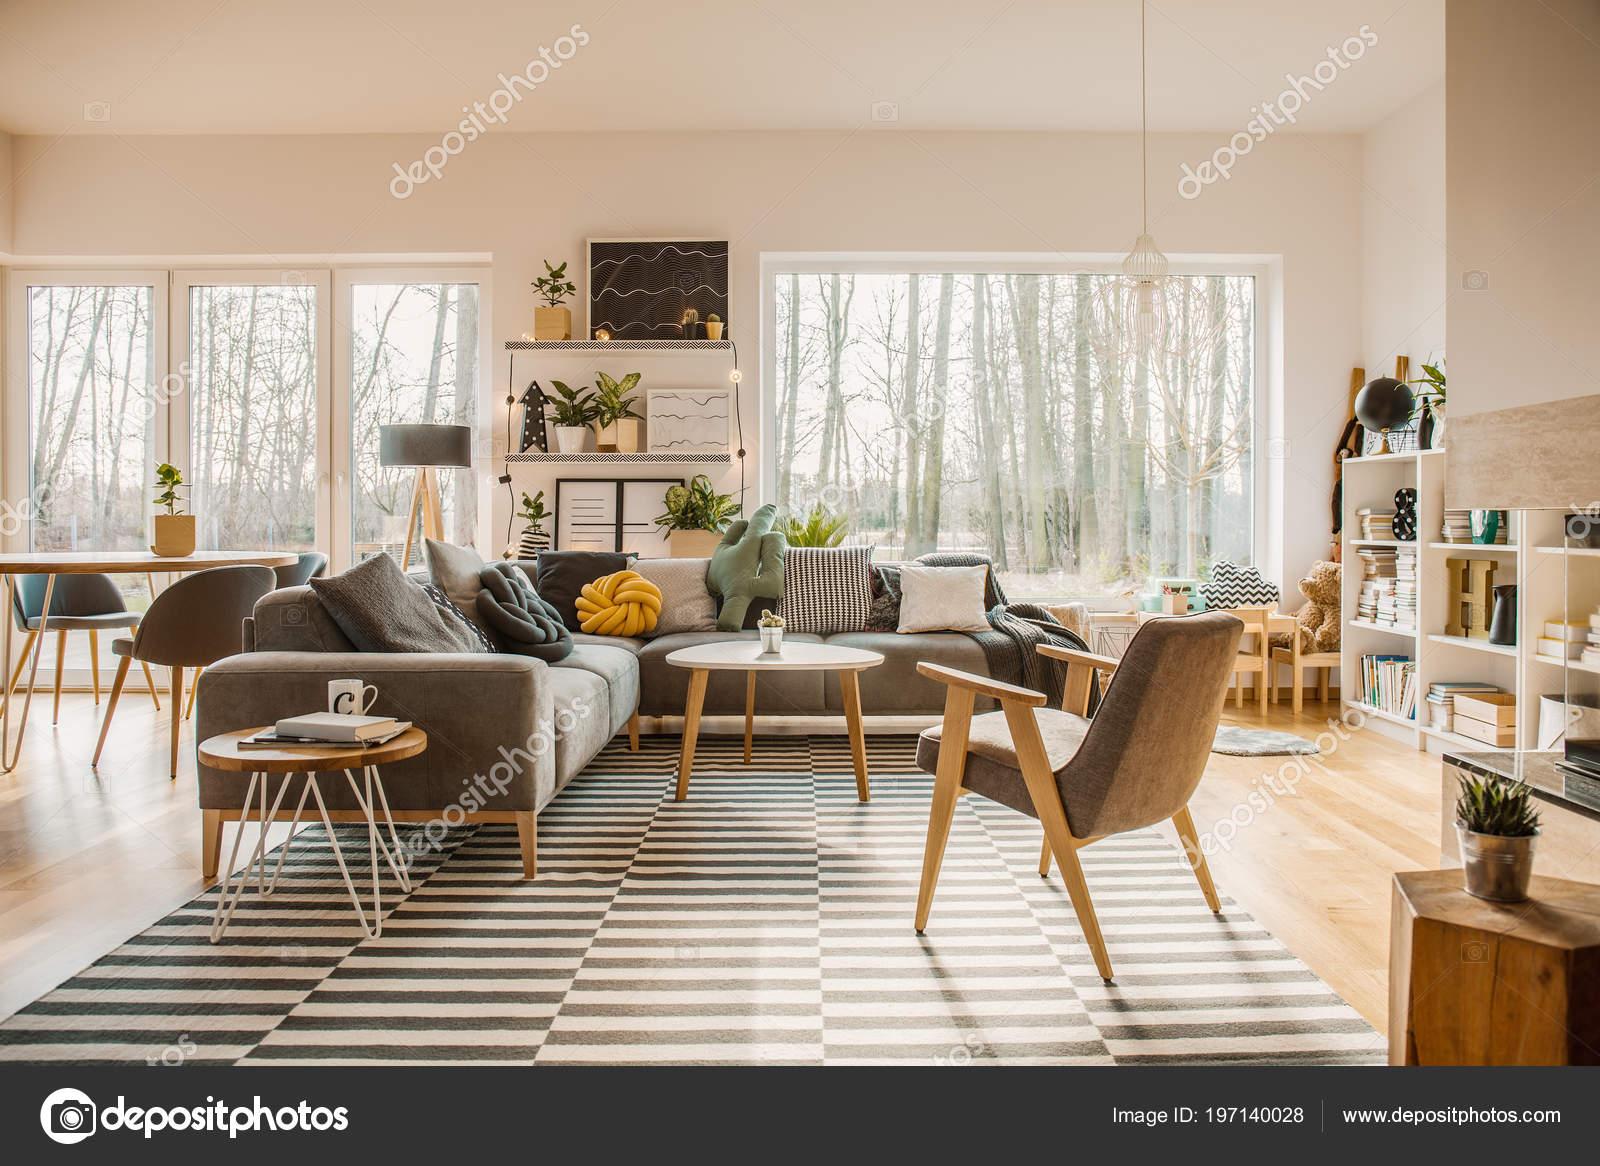 Grau Hölzerne Möbel Innen Ein Geräumiges Wohnzimmer Mit Weißen ...